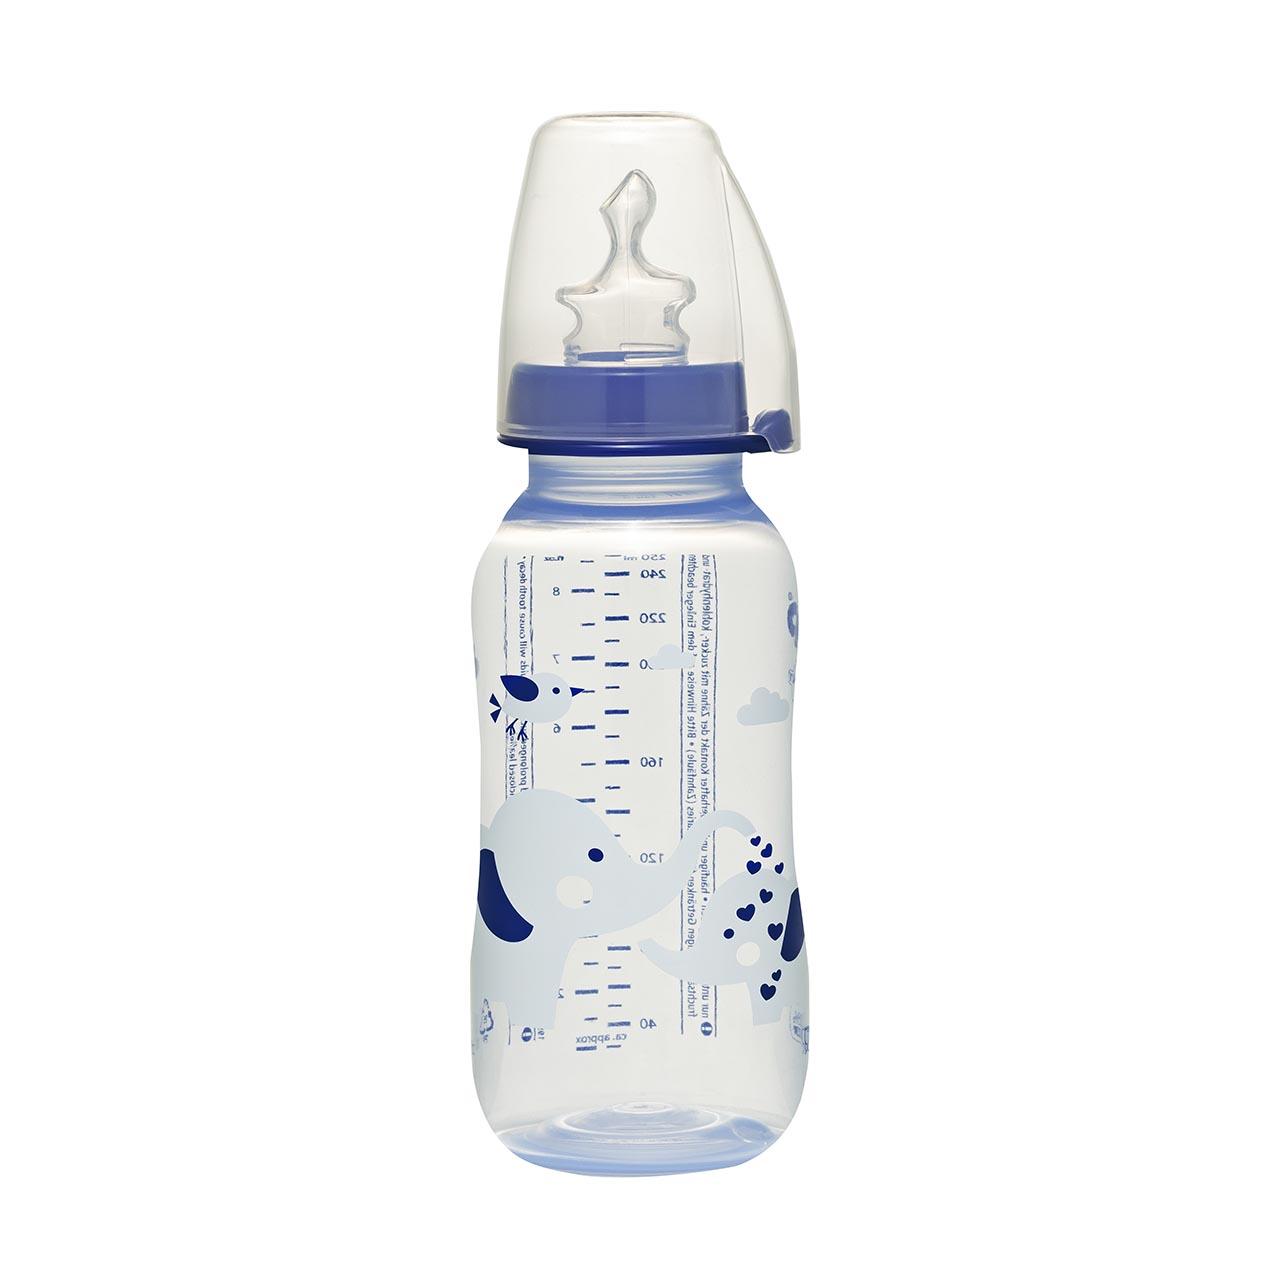 شیشه شیر نیپ مدل trendy ظرفیت 250 میلی لیتر